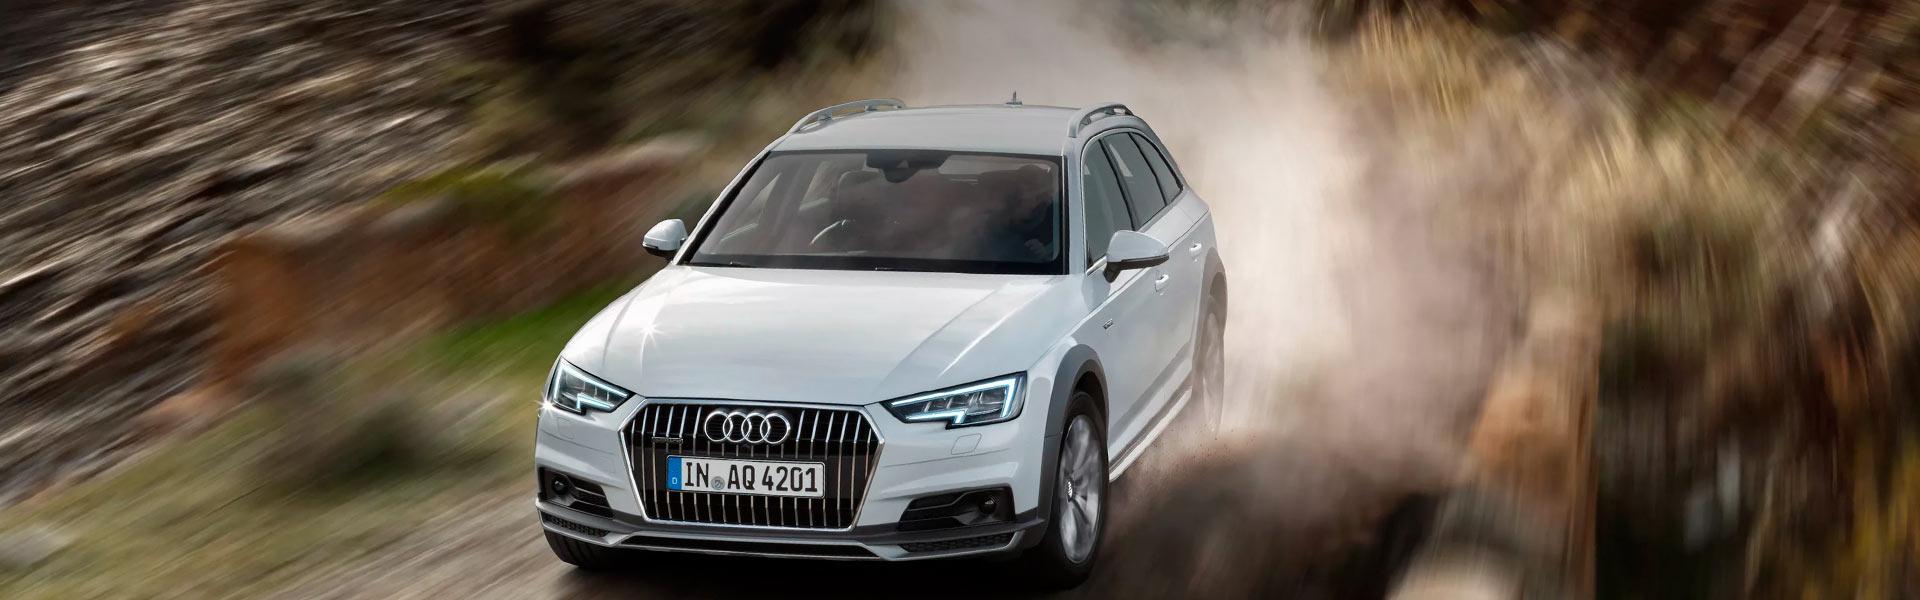 Сайлентблок на Audi A4